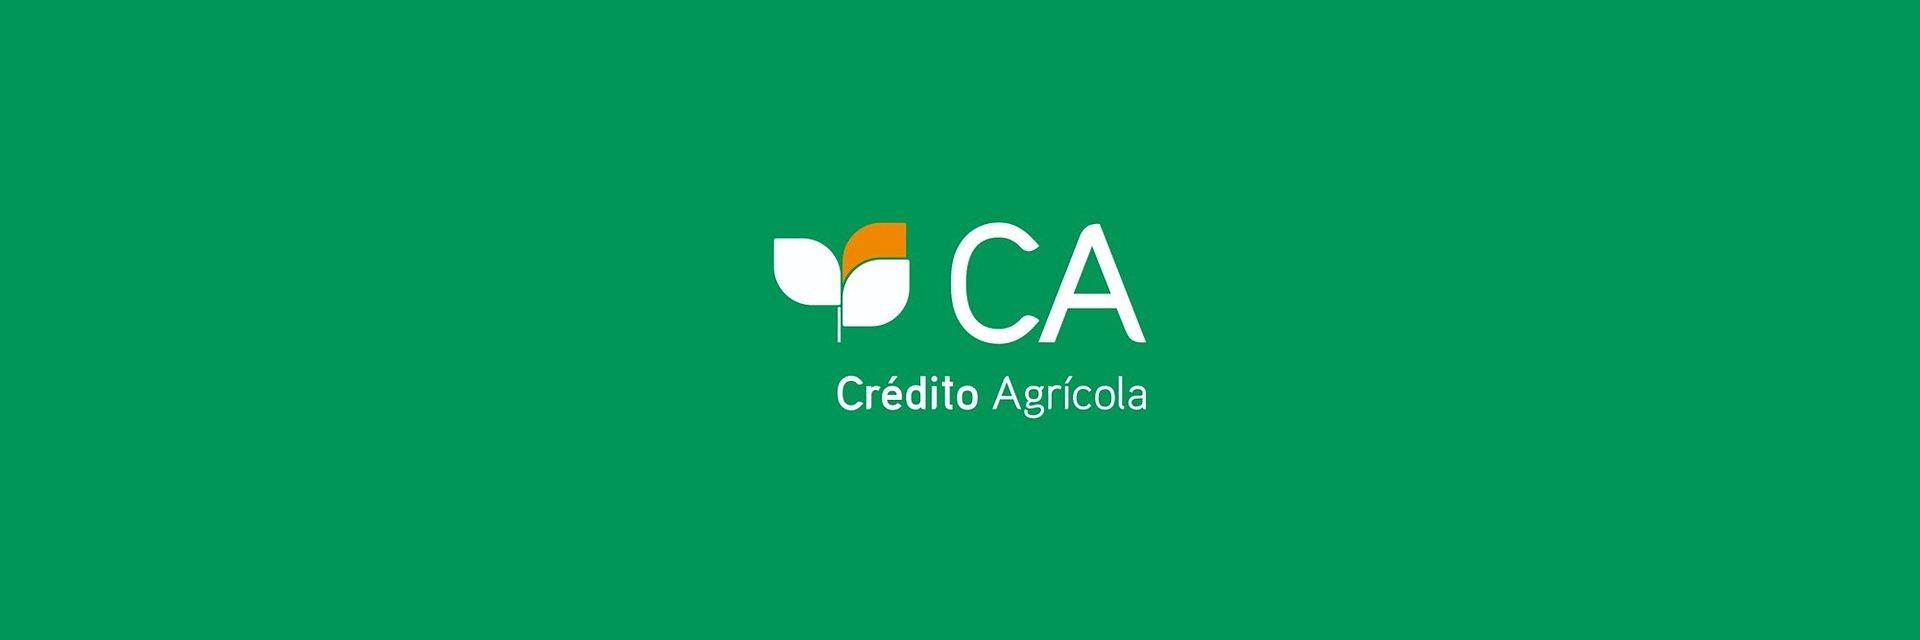 Crédito Agrícola alarga isenção de pagamento de comissões a todos os clientes utilizadores dos canais digitais